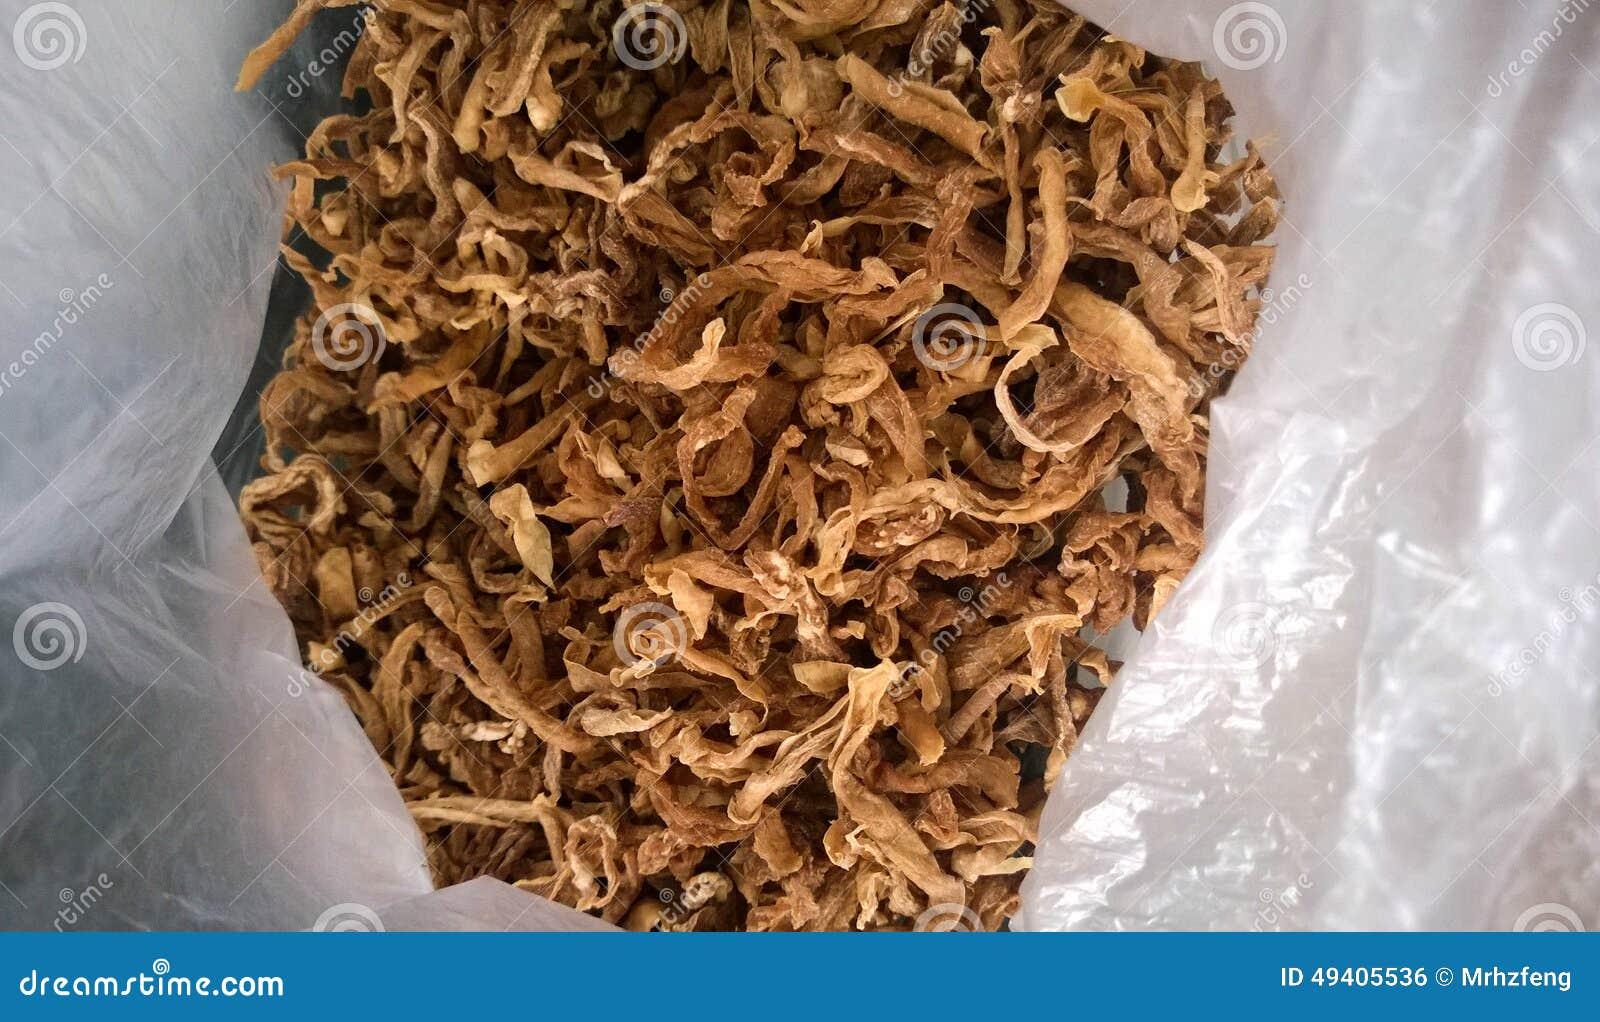 Download Essiggurken stockfoto. Bild von süd, noch, porzellan - 49405536